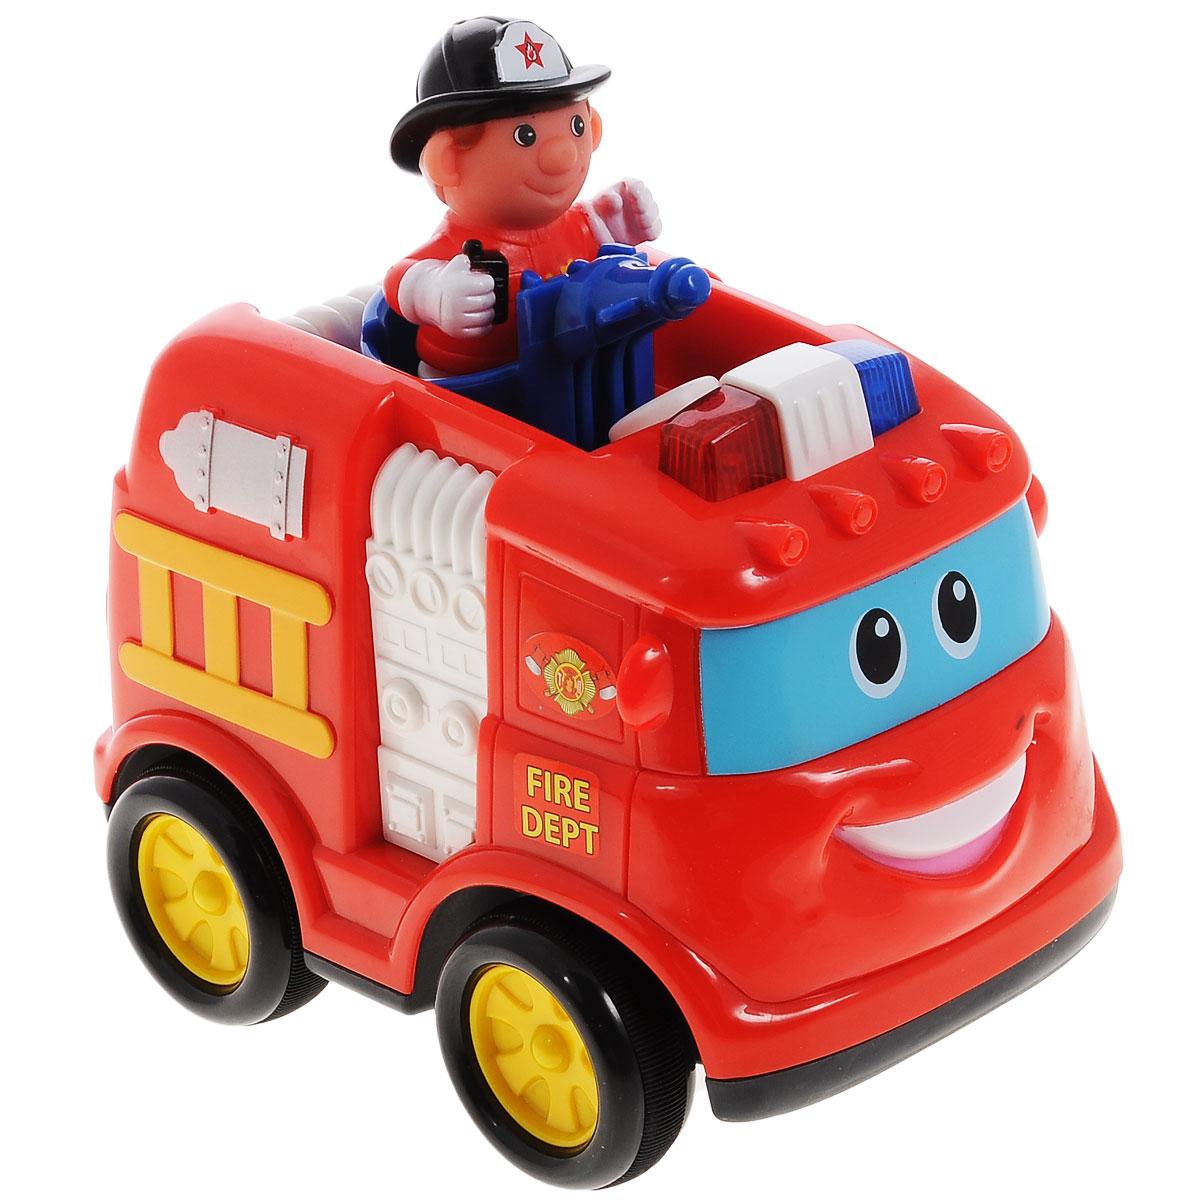 Kiddieland Развивающая игрушка Пожарная машинаKID 042937Развивающая игрушка Kiddieland Пожарная машина обязательно понравится малышу. Эта яркая забавная игрушка в виде пожарной машинки привлечет внимание любого мальчишки, ведь она издает разные звуки и мигает огоньками. Когда ребенок нажмет на фигурку водителя - машина поедет. На кабине машины есть несколько кнопок, нажимая которые можно услышать рев мотора и пожарную сирену. Игрушка развивает мелкую моторику, мышление, зрительное и звуковое восприятие, повышает двигательную активность малышей. Рекомендуемый возраст: от 18 месяцев. Питание: 3 батарейки типа АА (входят в комплект).